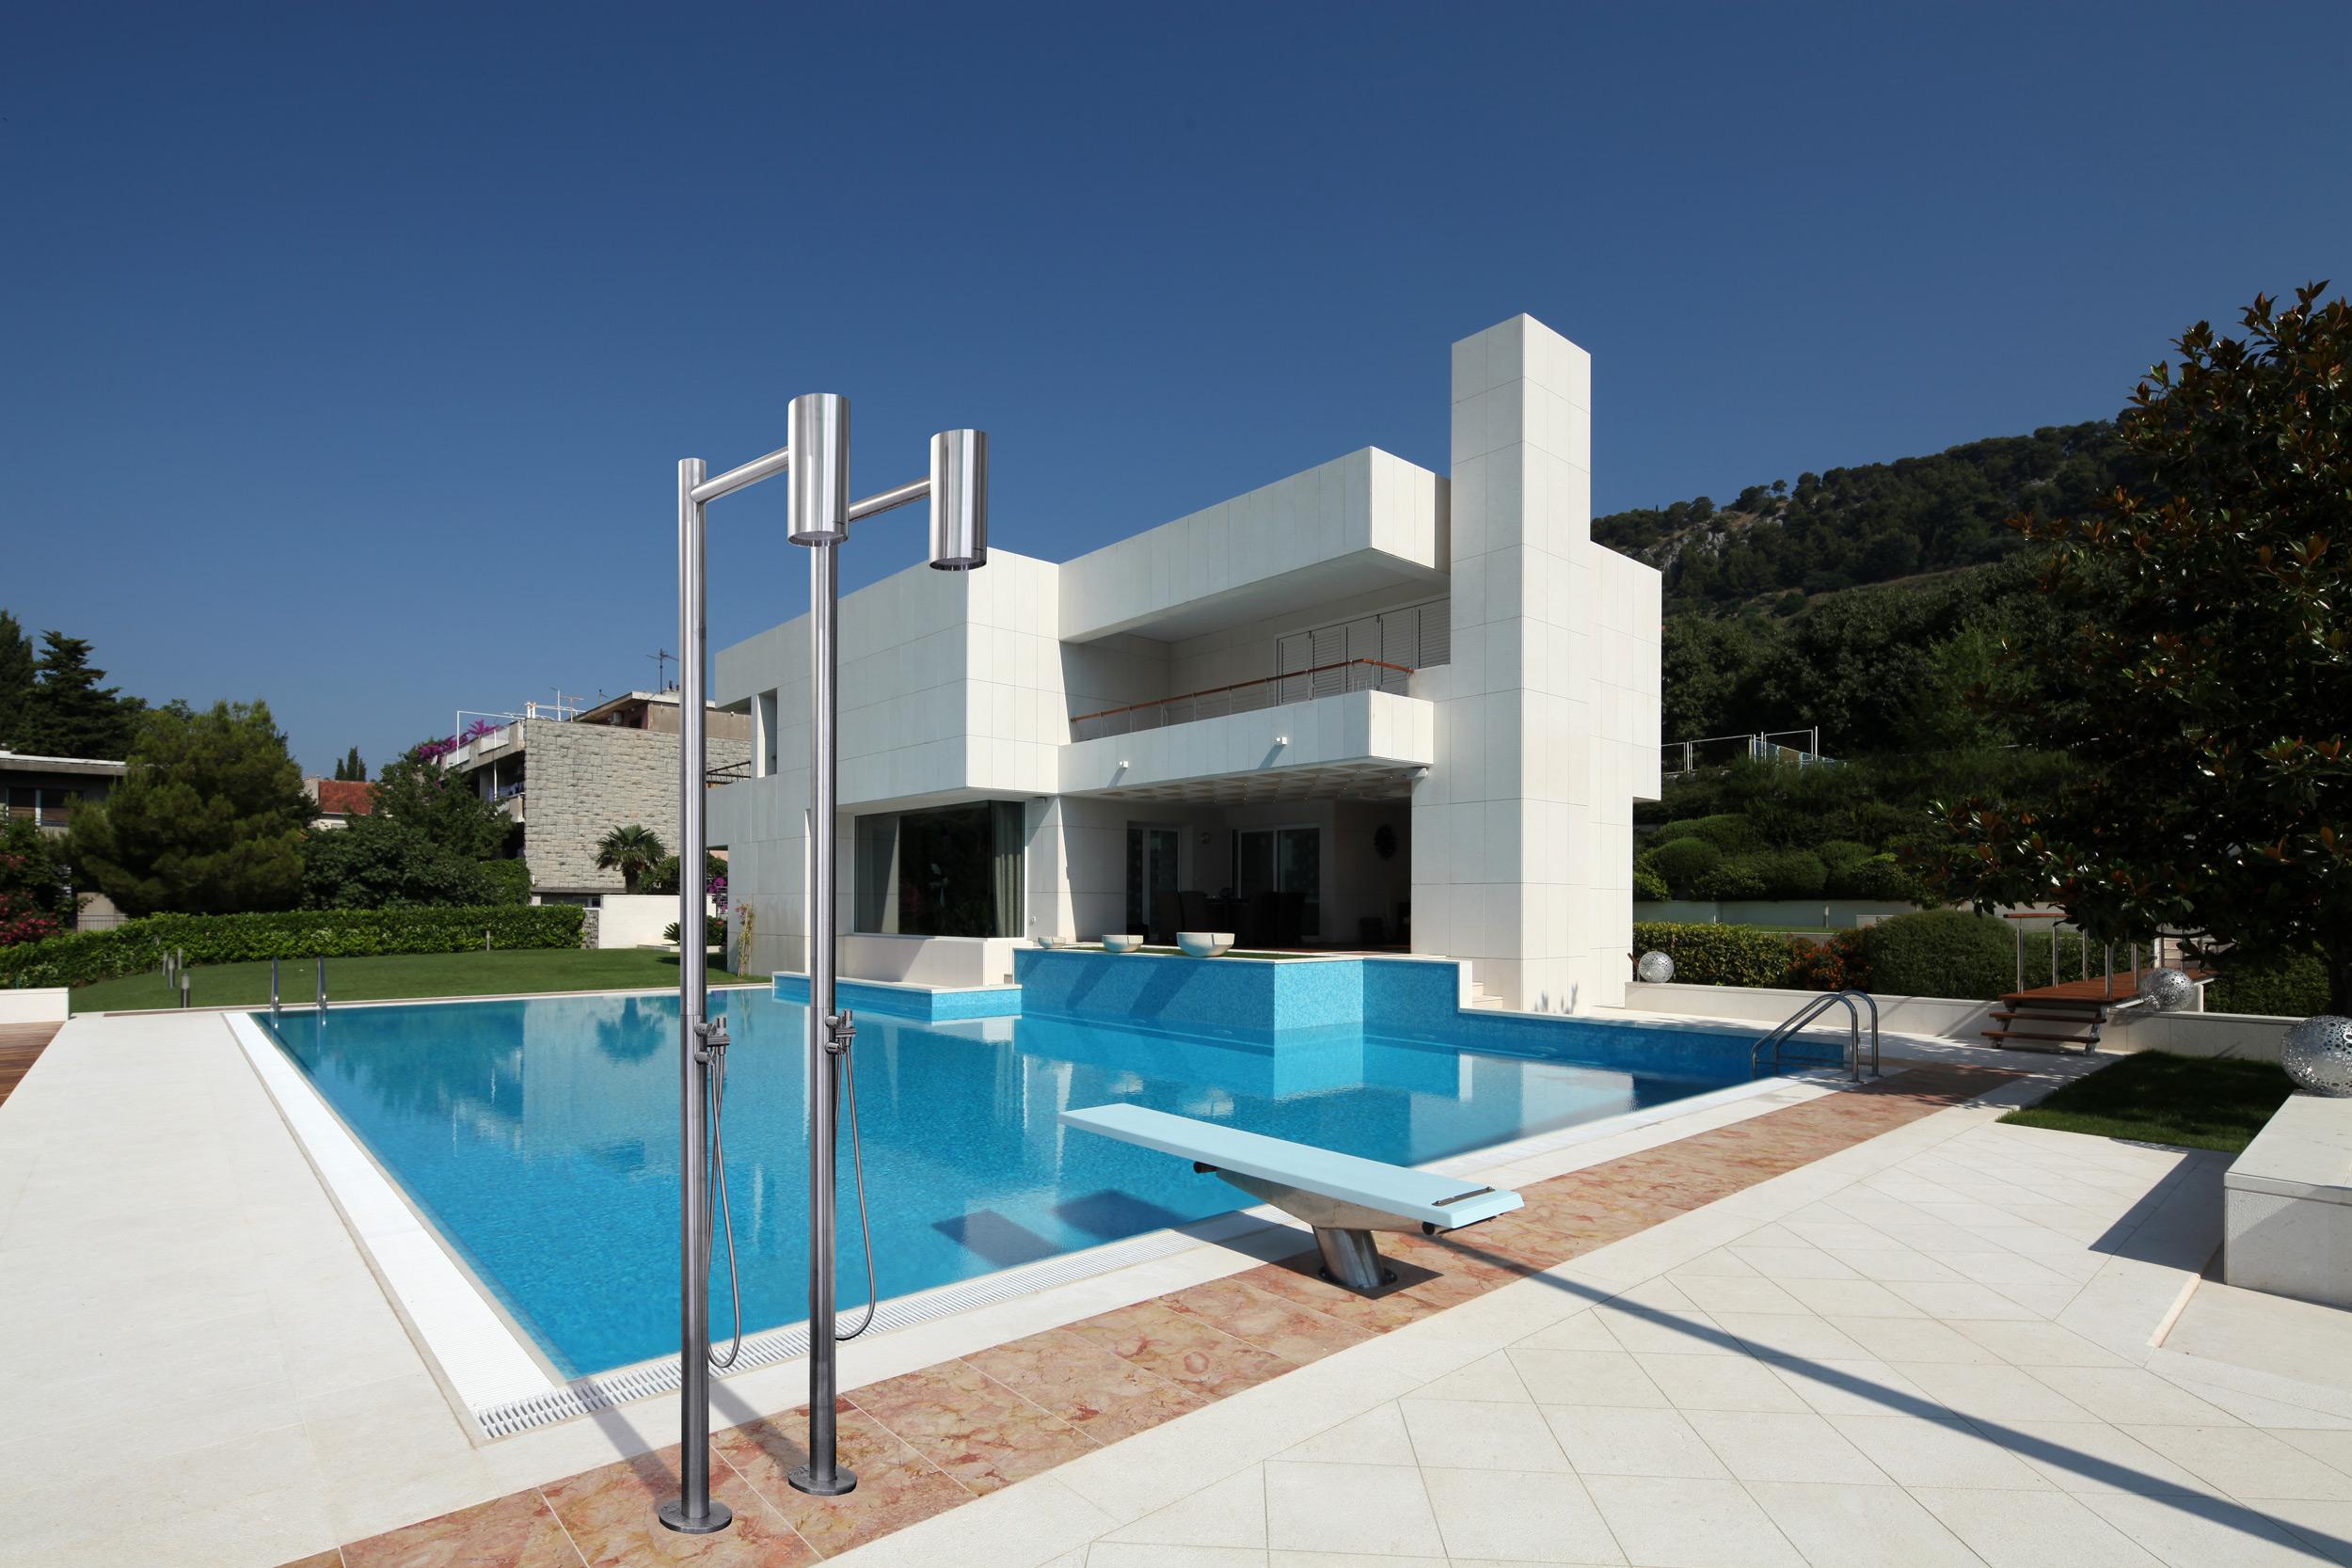 Docce da giardino 15 idee per l 39 estate living corriere - Docce per piscine esterne ...